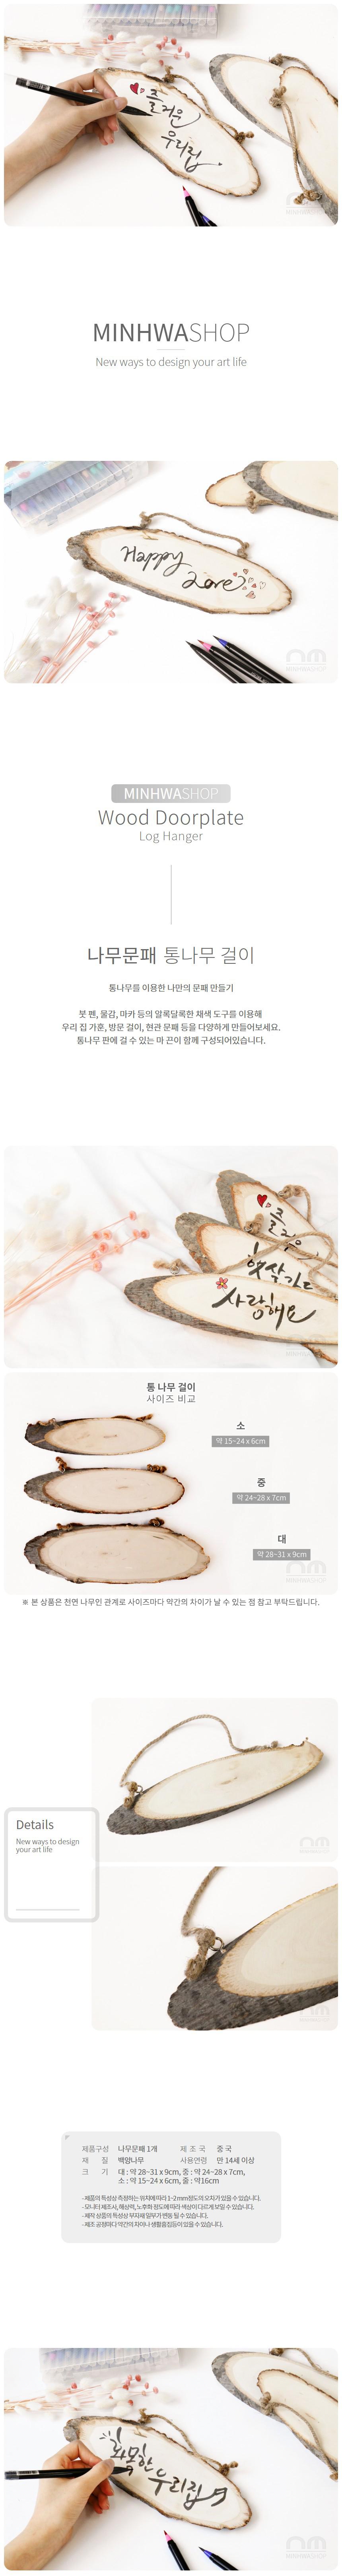 통나무걸이 나무문패만들기 - 민화샵, 1,100원, 우드공예, 우드공예 재료